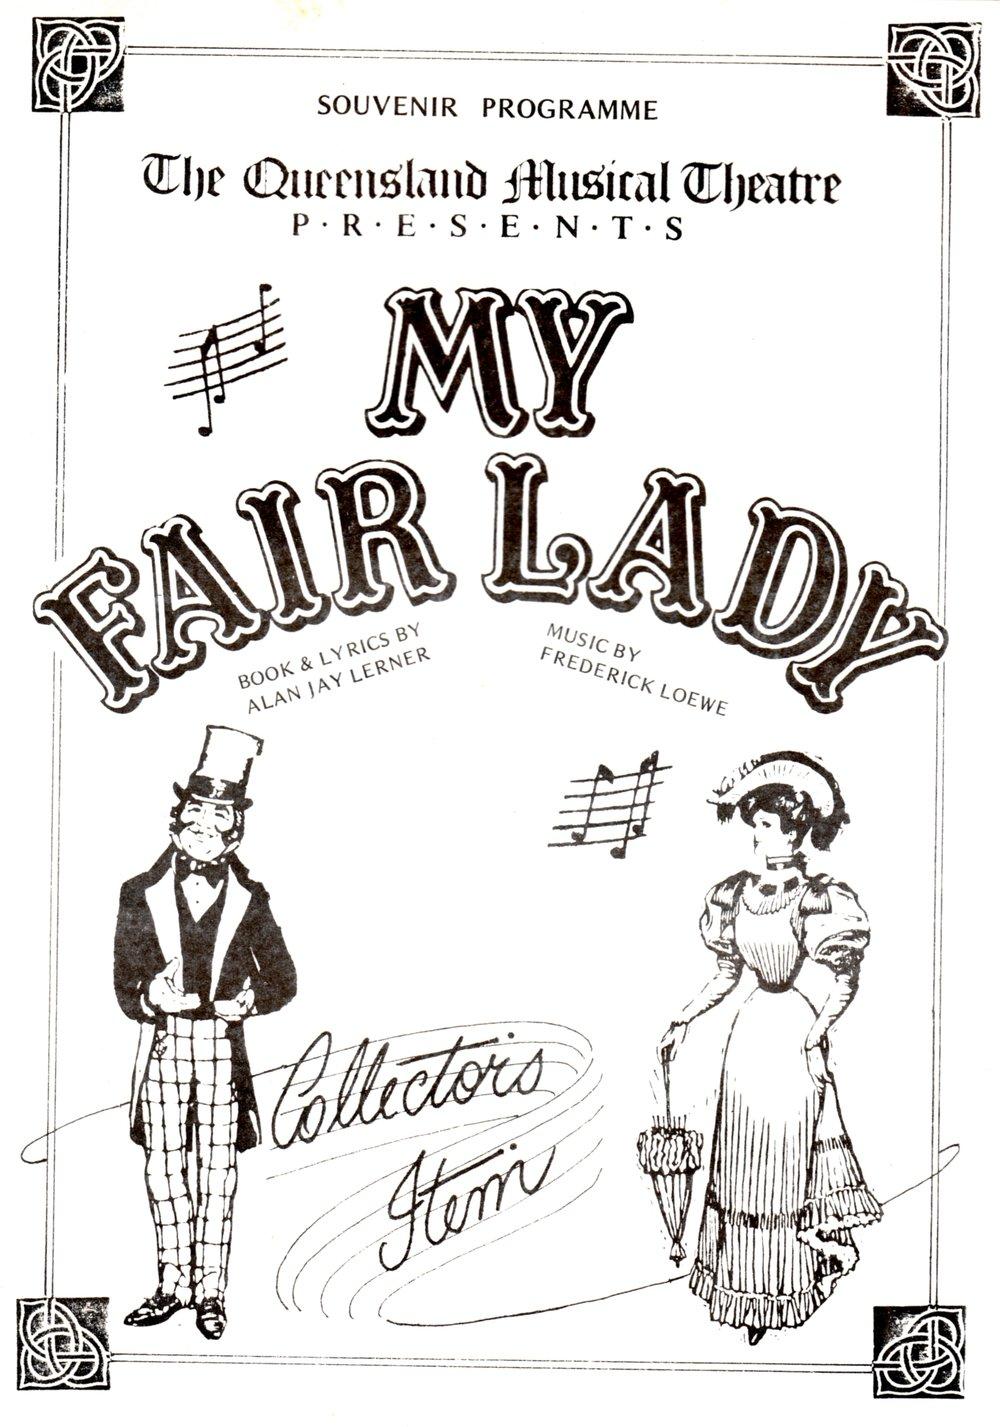 MFL Programme Cover 2.jpg